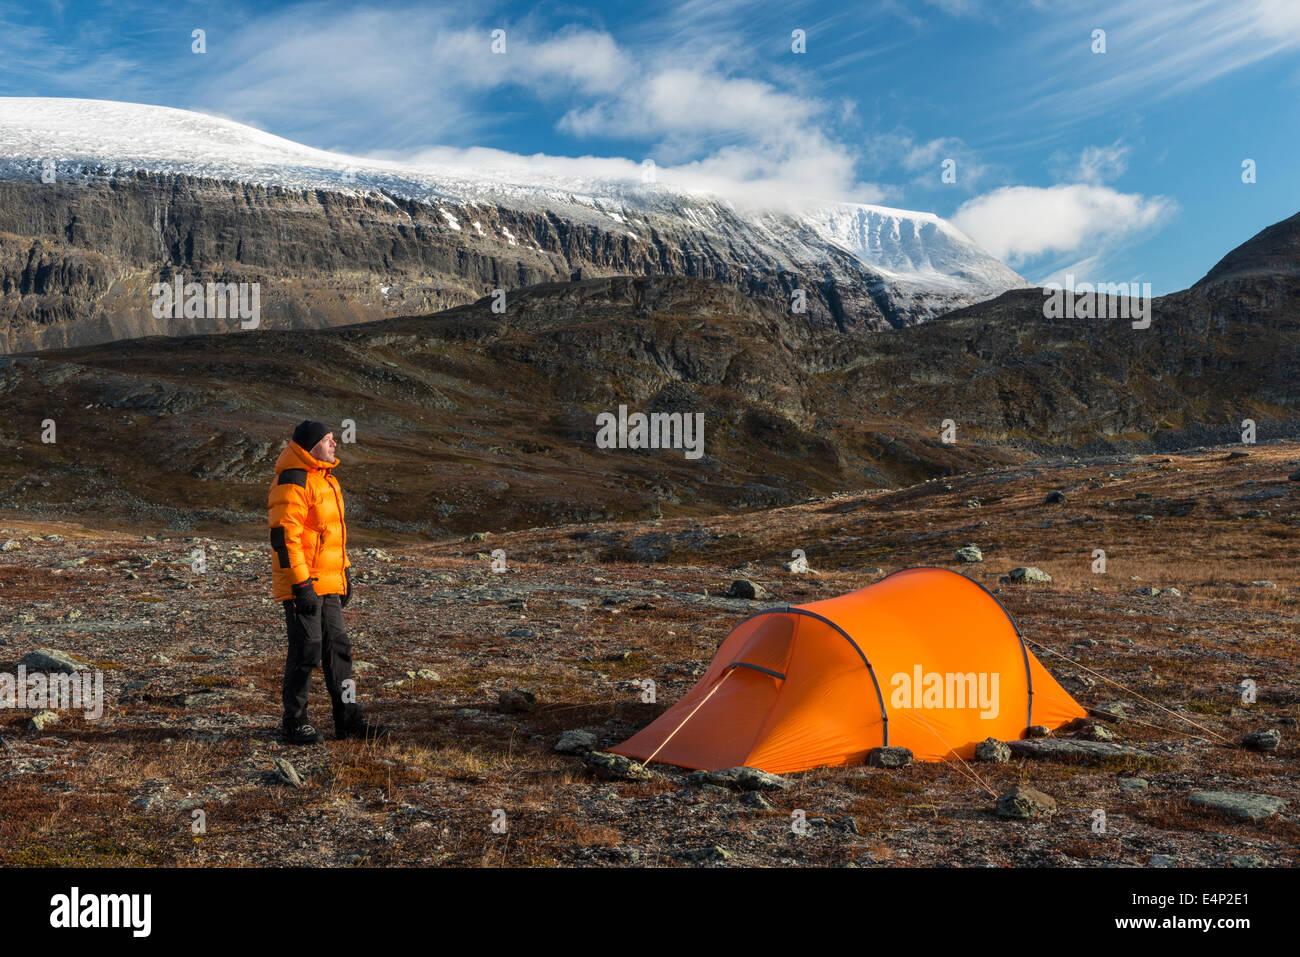 Mann neben Zelt mit Blick auf den Berg Sinnitjohkka, Kebnekaisefjaell, Norrbotten, Lappland, Schweden - Stock Image